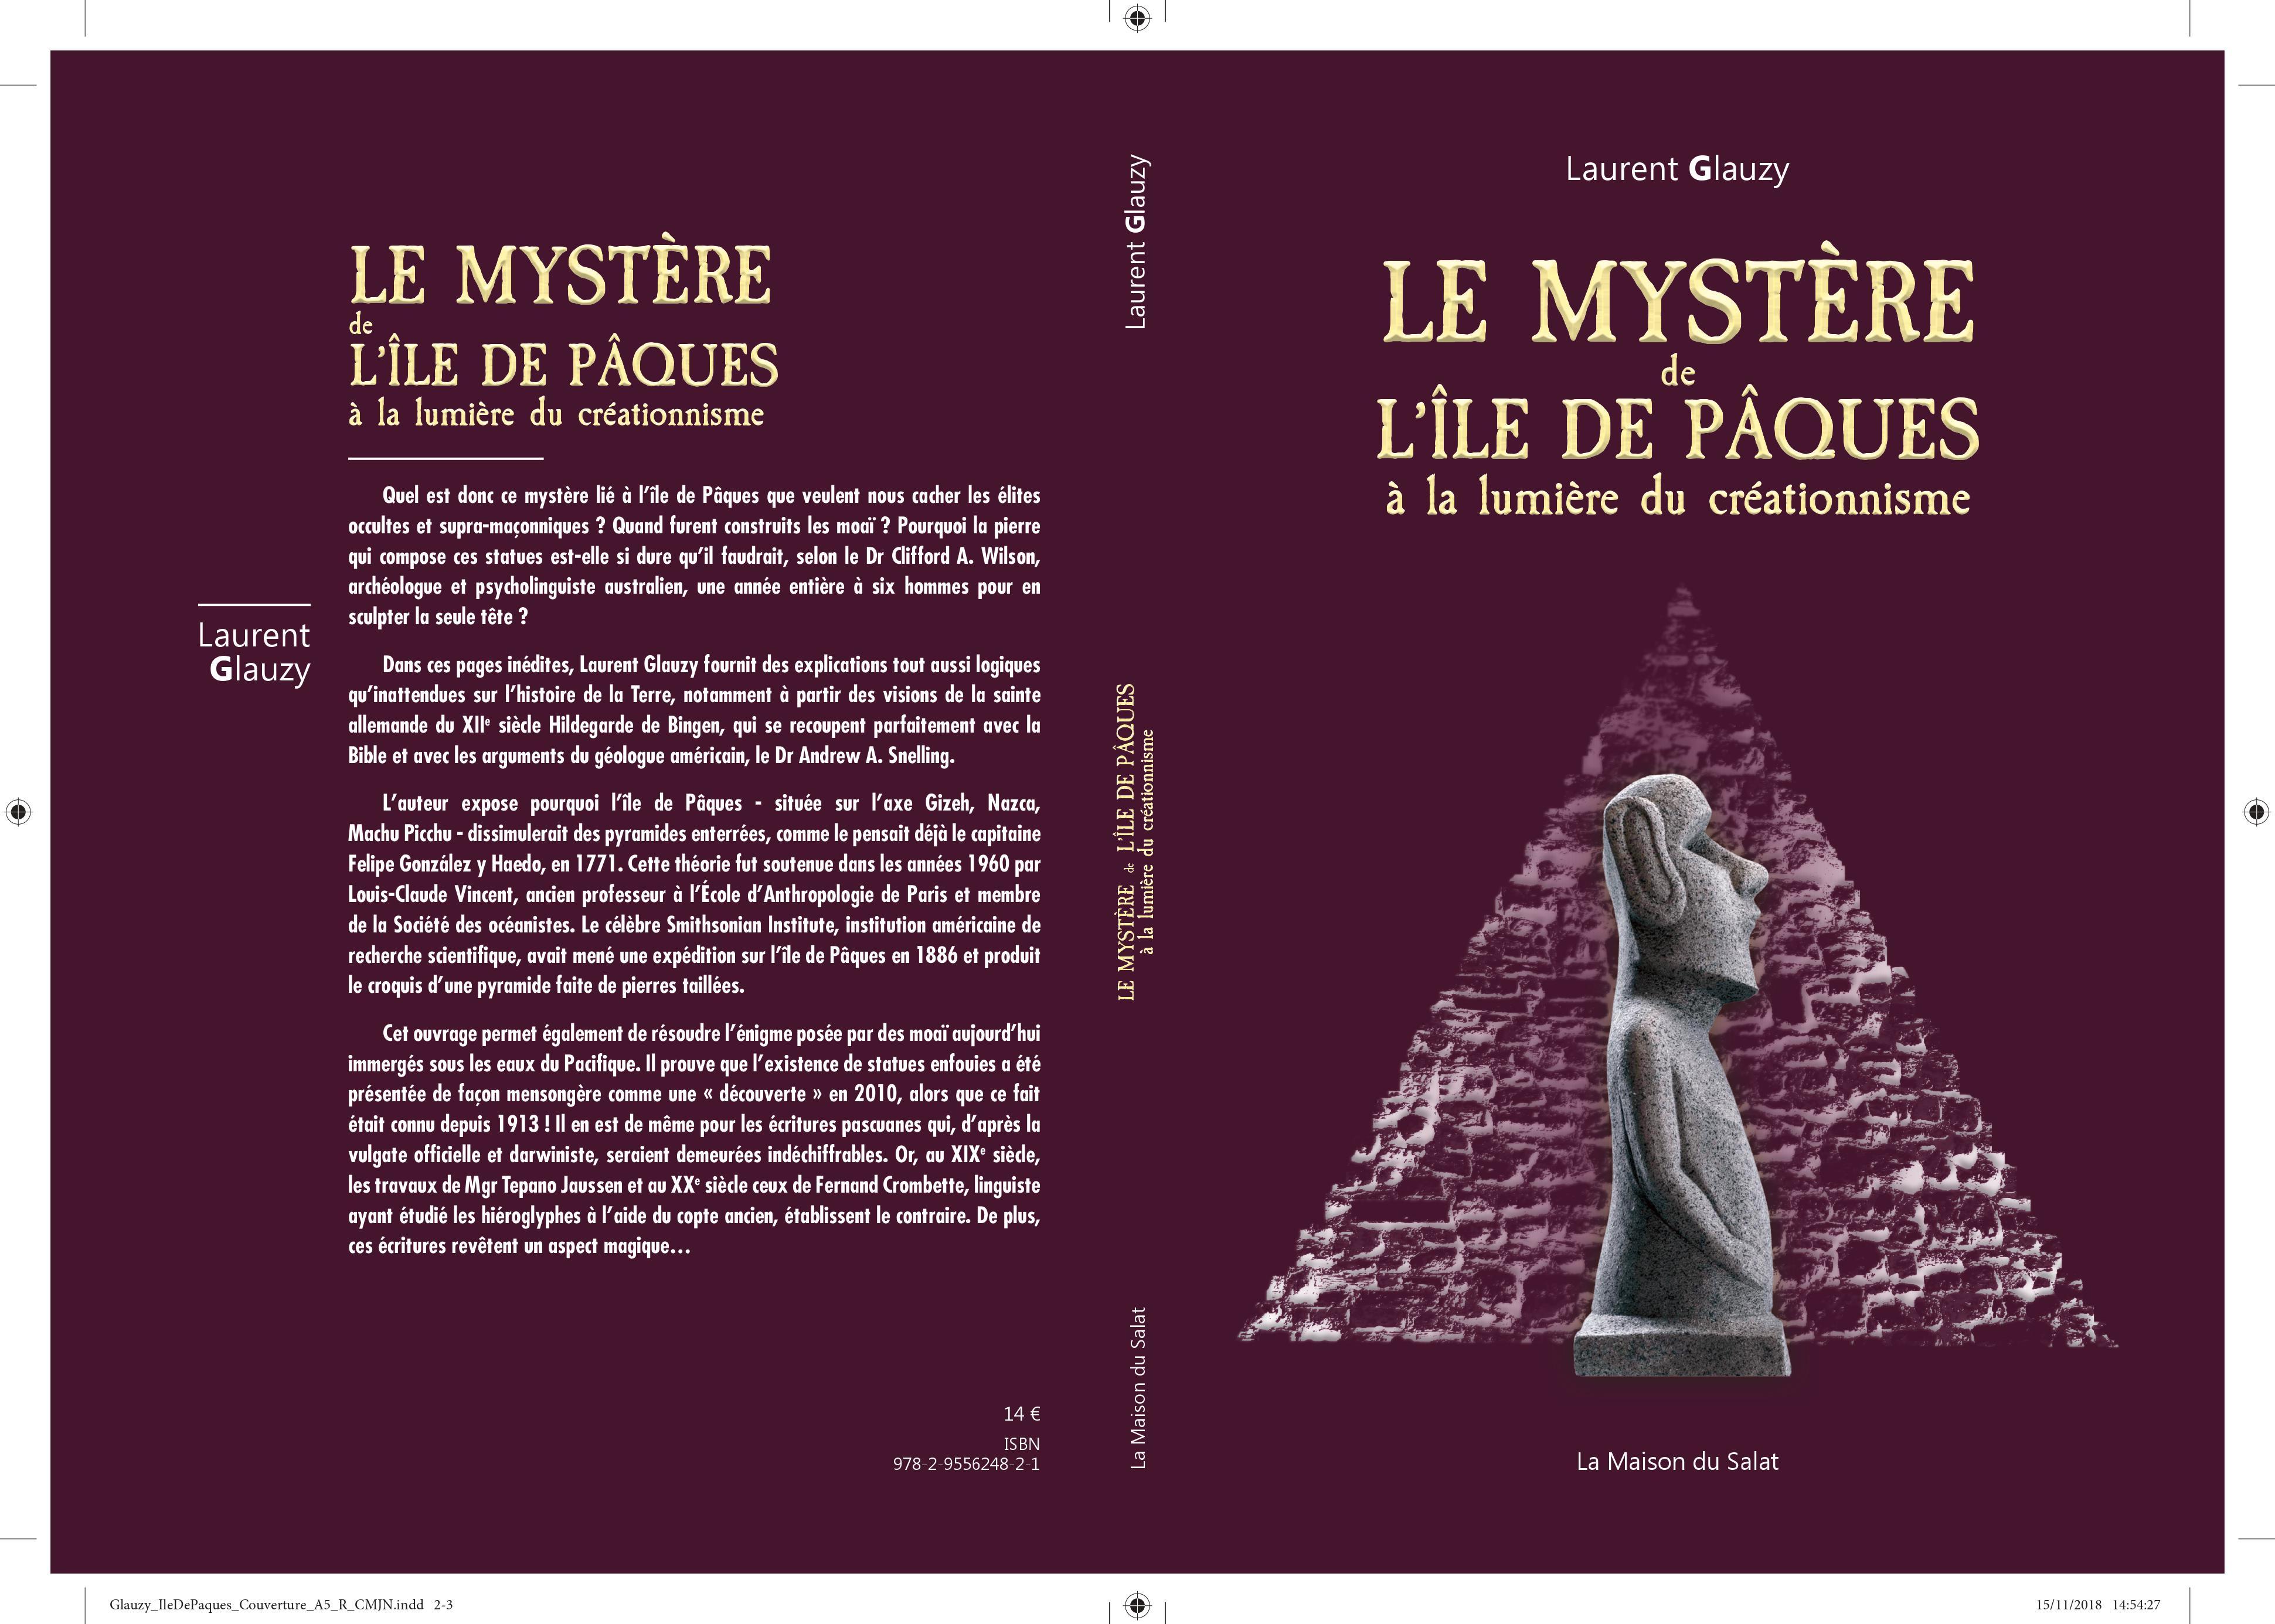 Les secrets de l'île de Pâques, un autre nouveau livre + vidéo de Laurent  Glauzy | Pro Fide Catholica